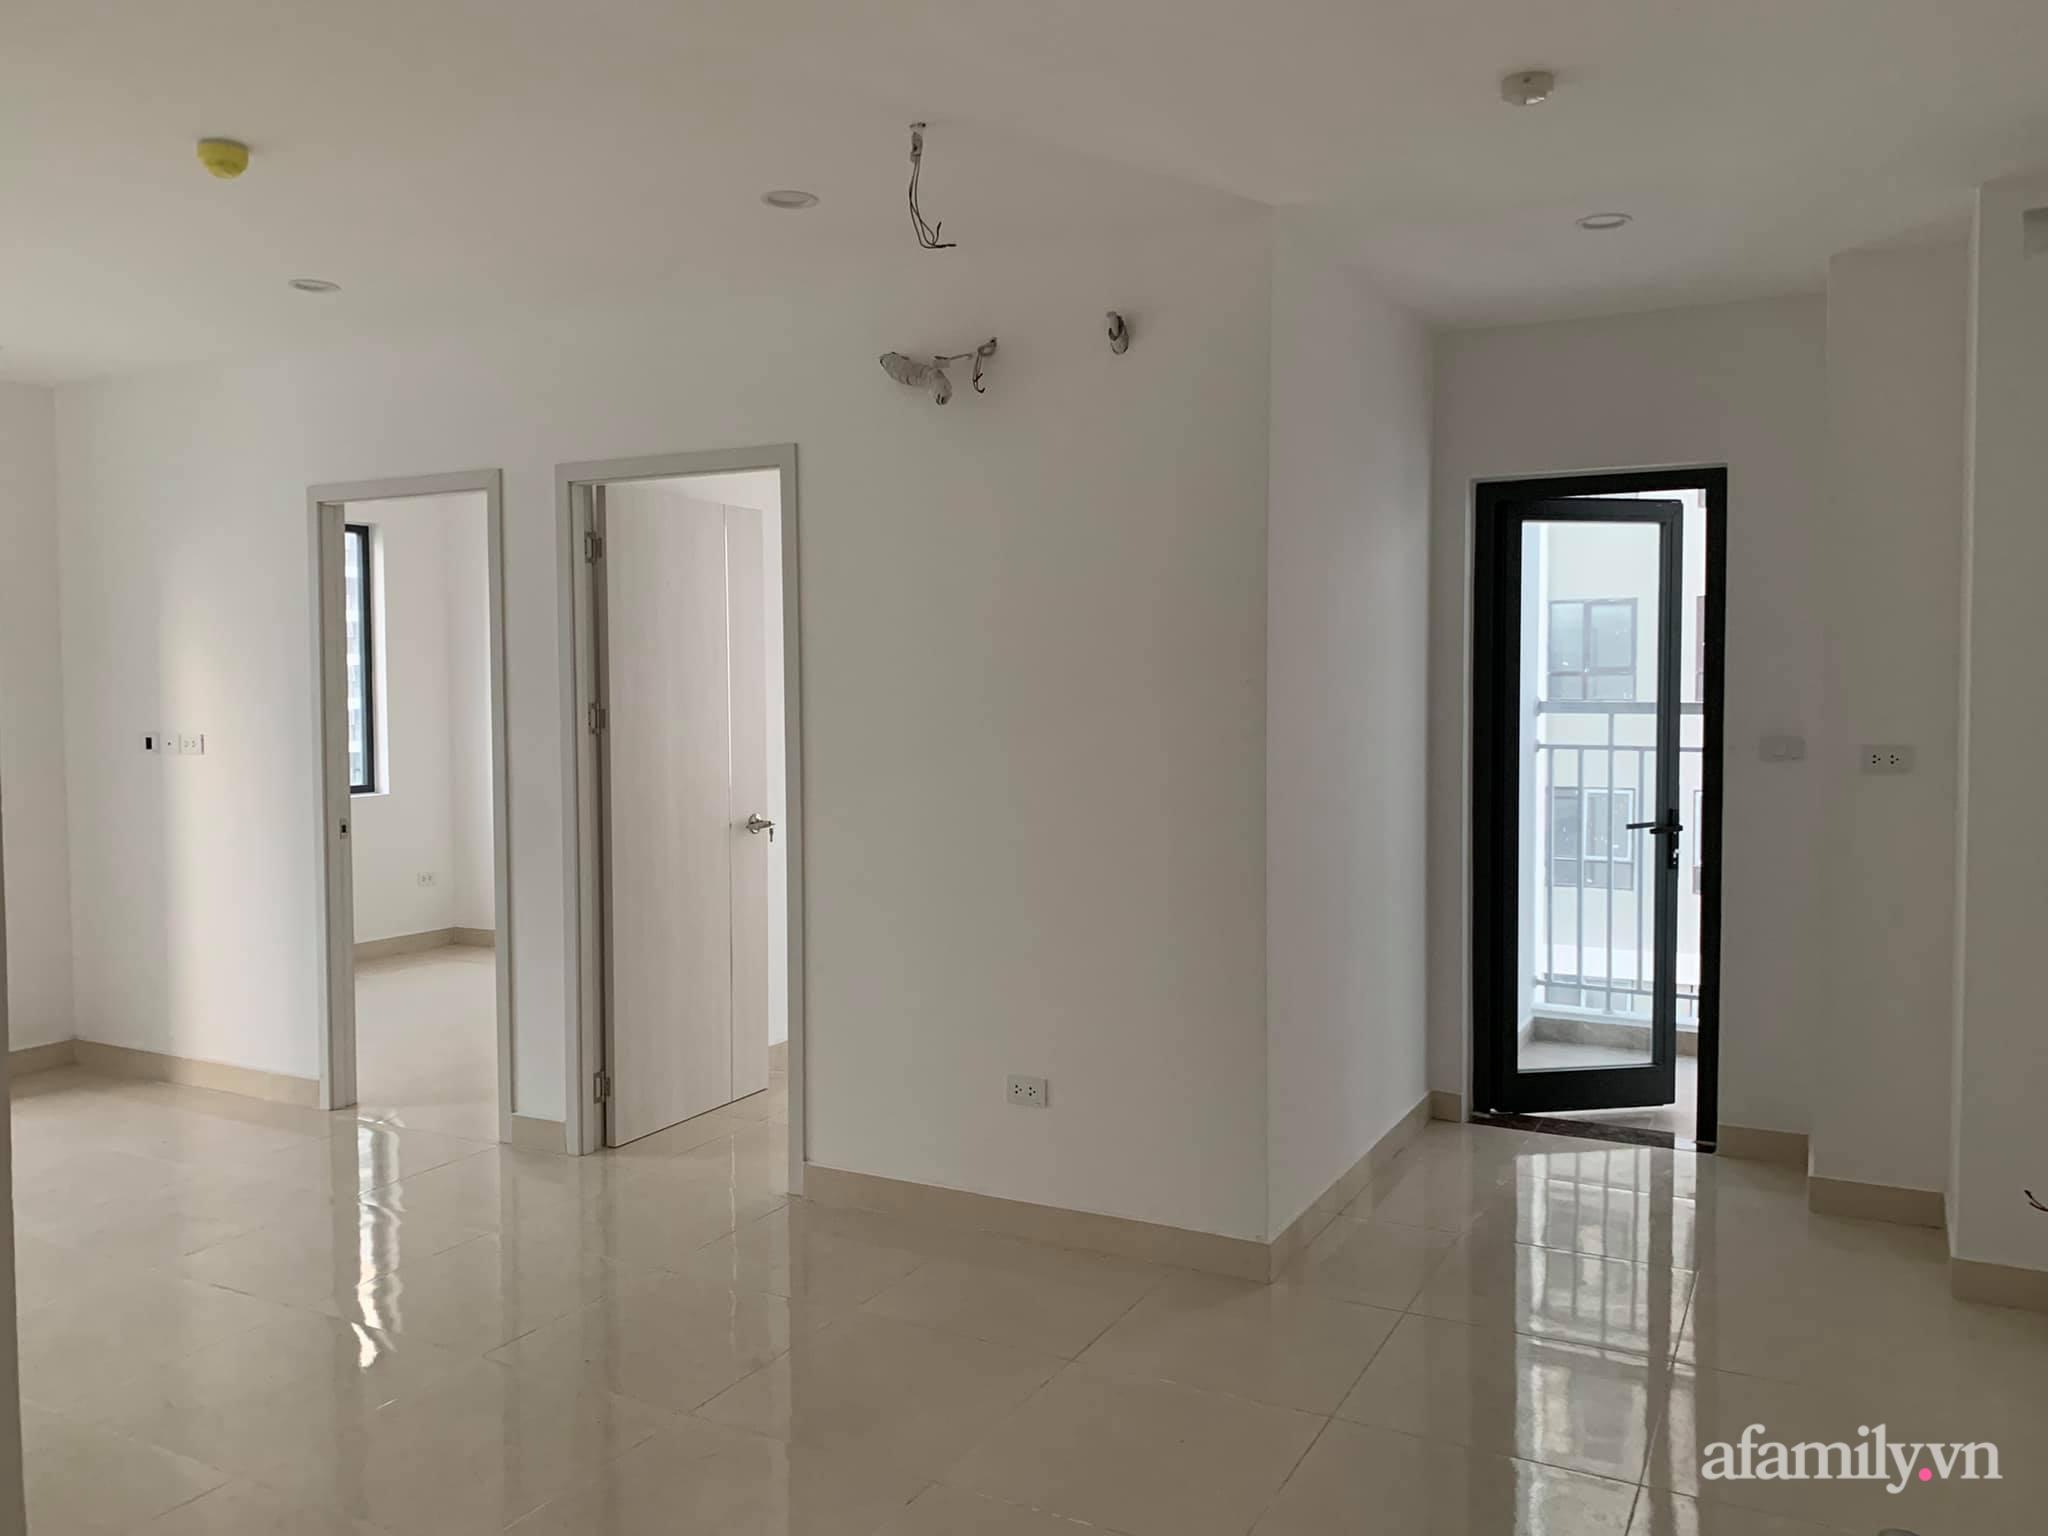 Nhà ở xã hội 69m² siêu ấm áp và tiện ích với chi phí cải tạo 200 triệu đồng của cặp vợ chồng 9X ở Từ Liêm, Hà Nội - Ảnh 2.